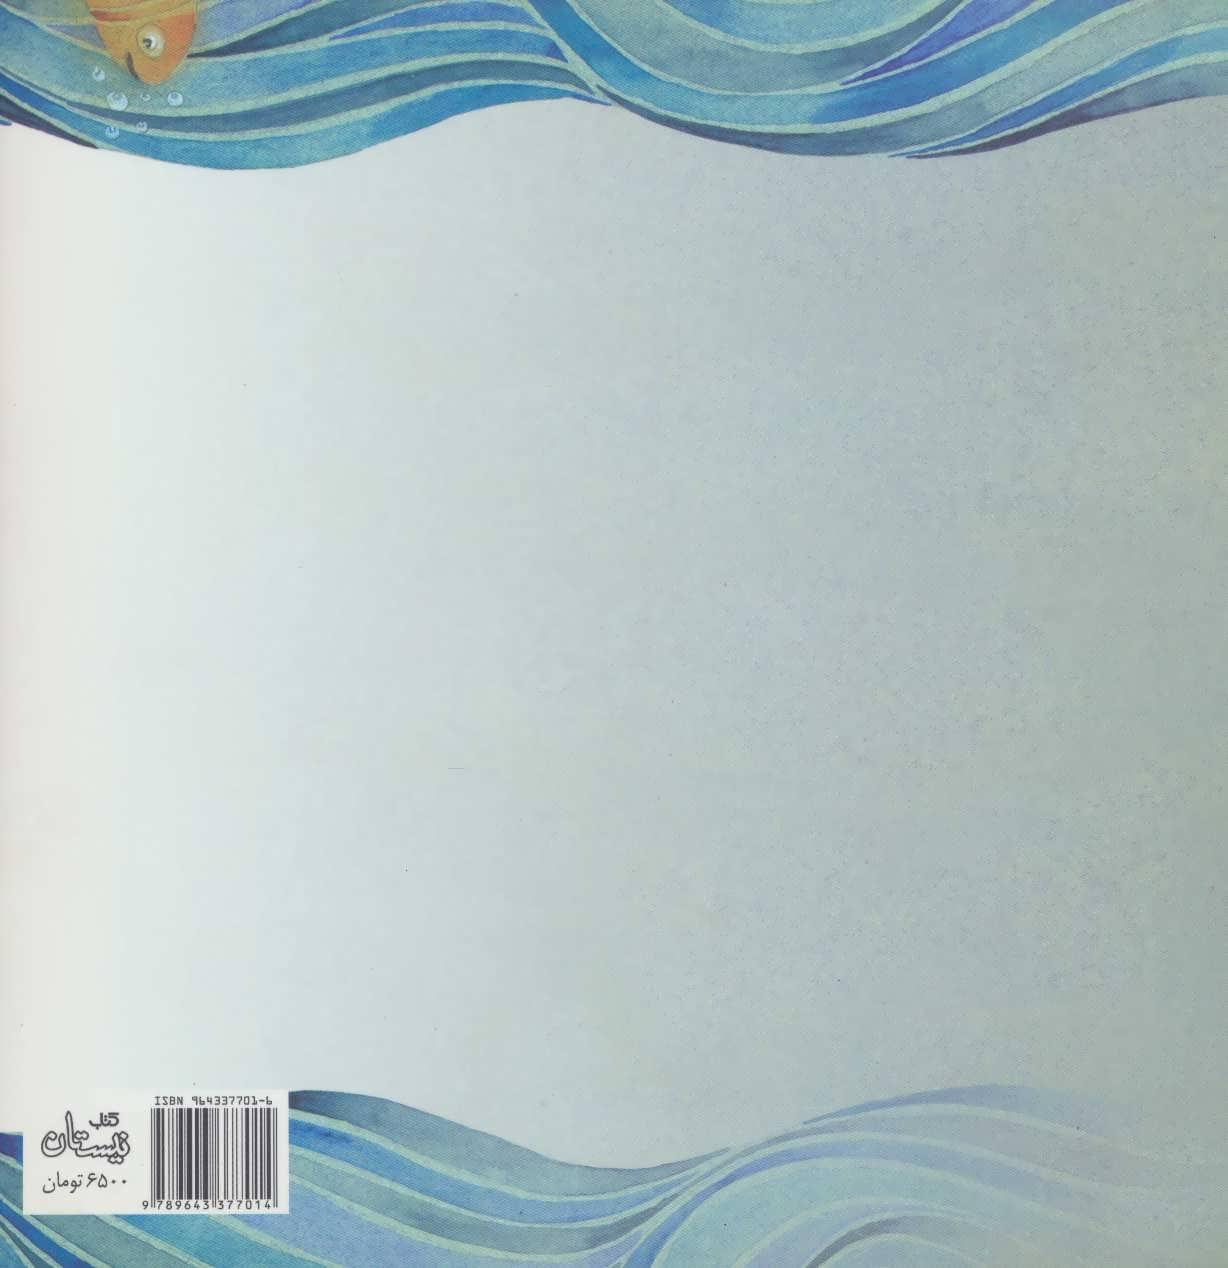 از کلید آبی رنگ گاهی صدای دریا را می شنید